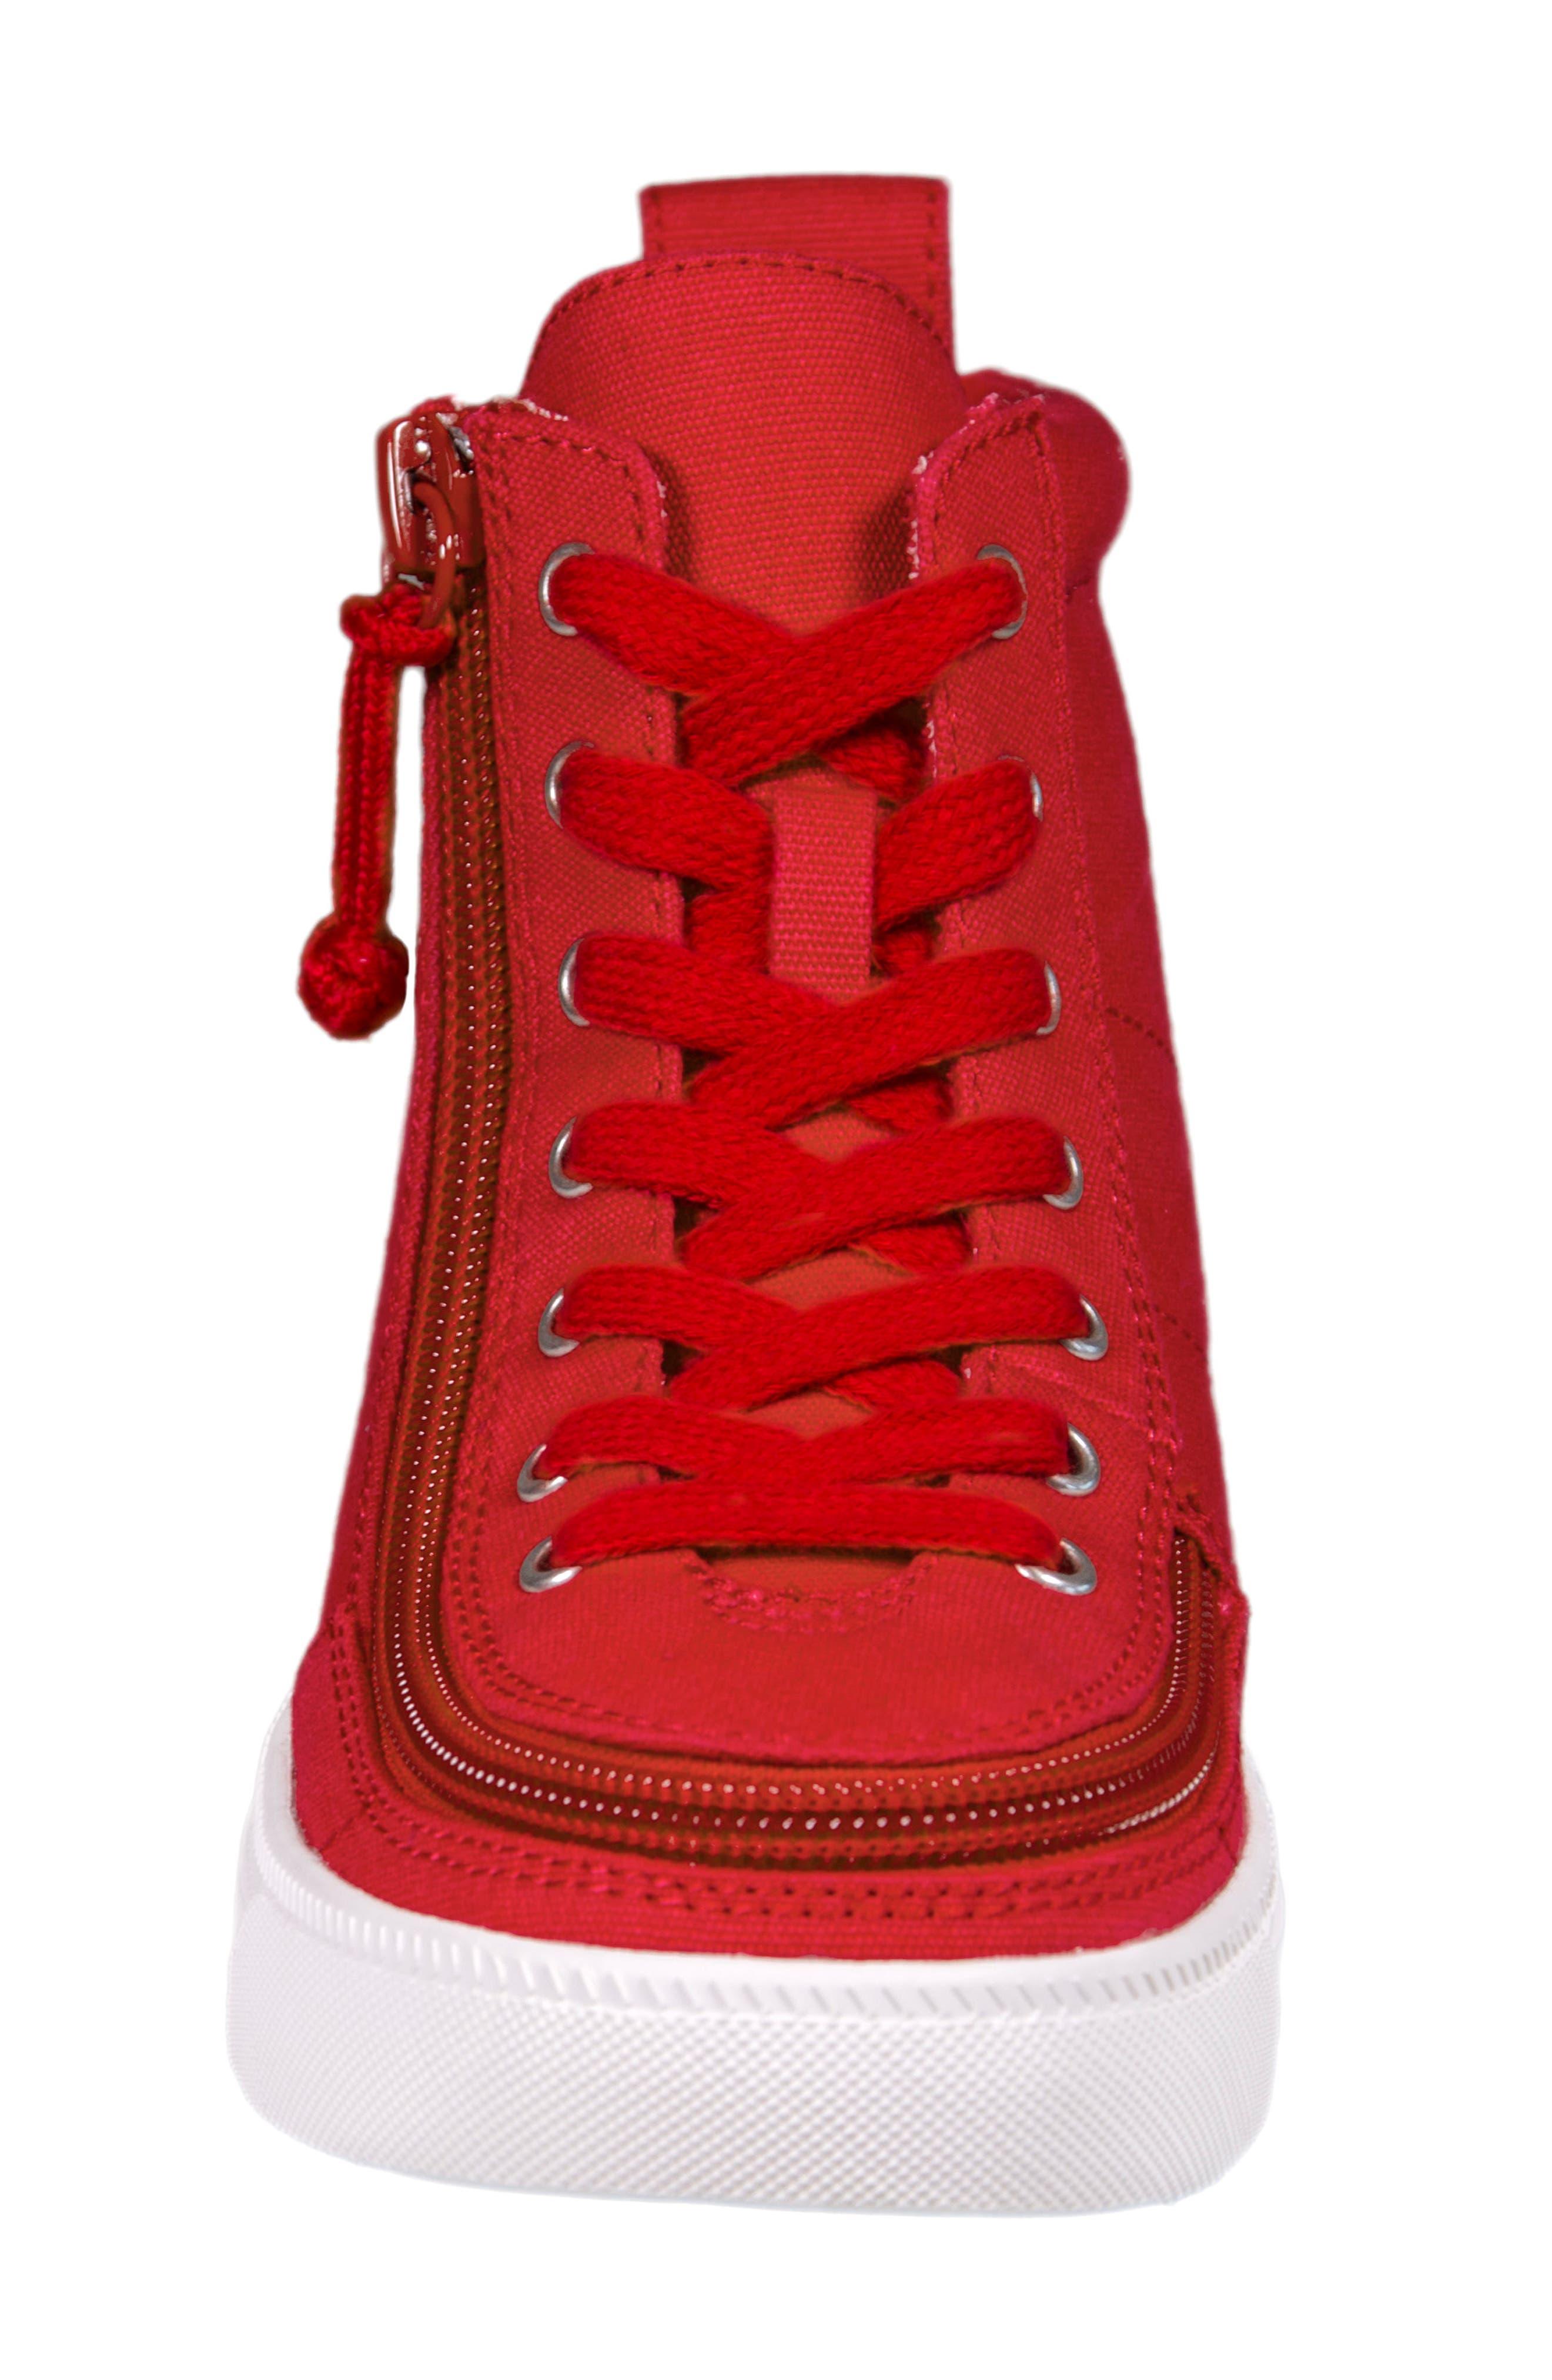 Alternate Image 3  - BILLY Footwear Zip Around High Top Sneaker (Toddler, Little Kid & Big Kid)